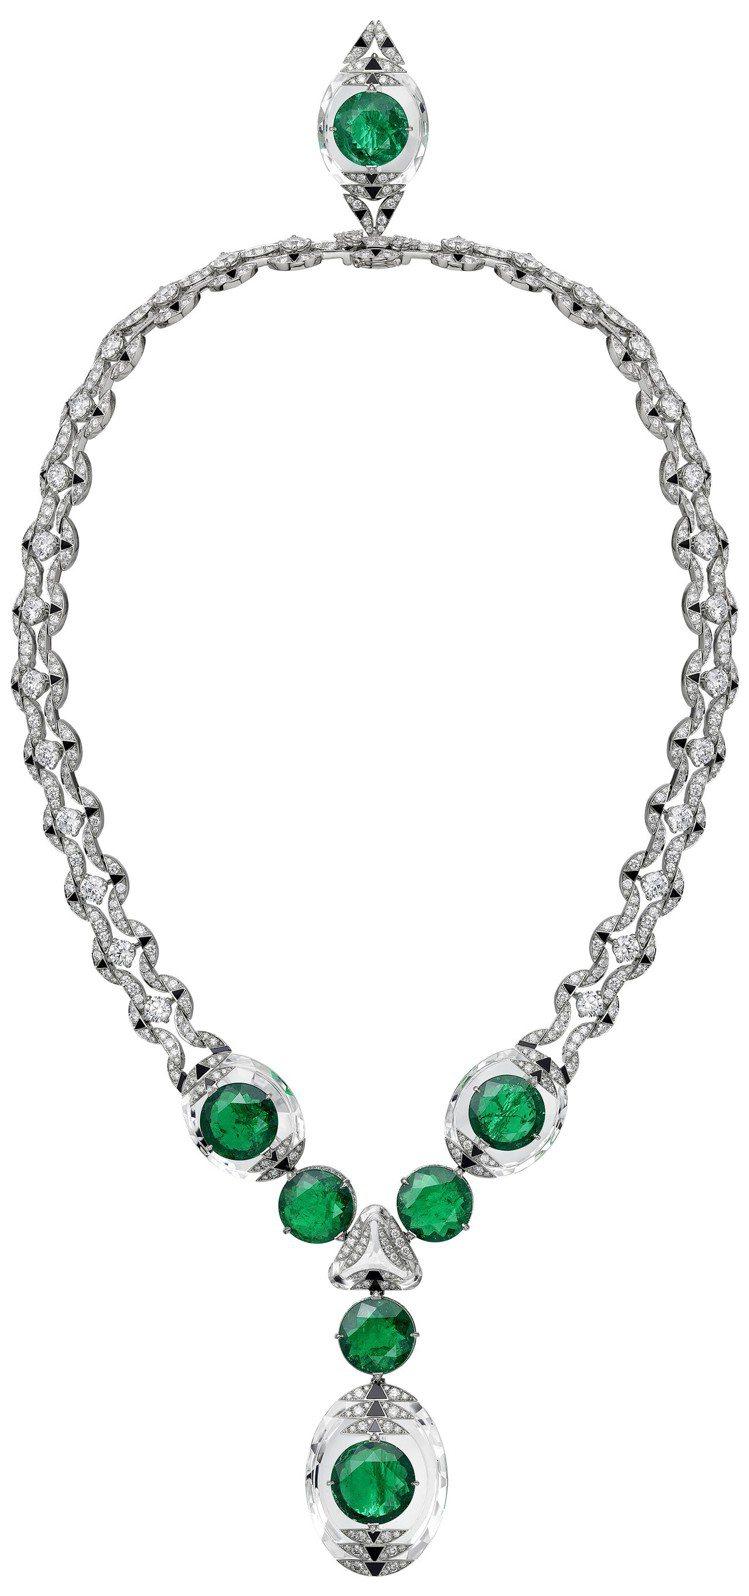 卡地亞MAGNITUDE頂級珠寶系列THÉIA項鍊,鉑金鑲嵌7顆圓形哥倫比亞祖...